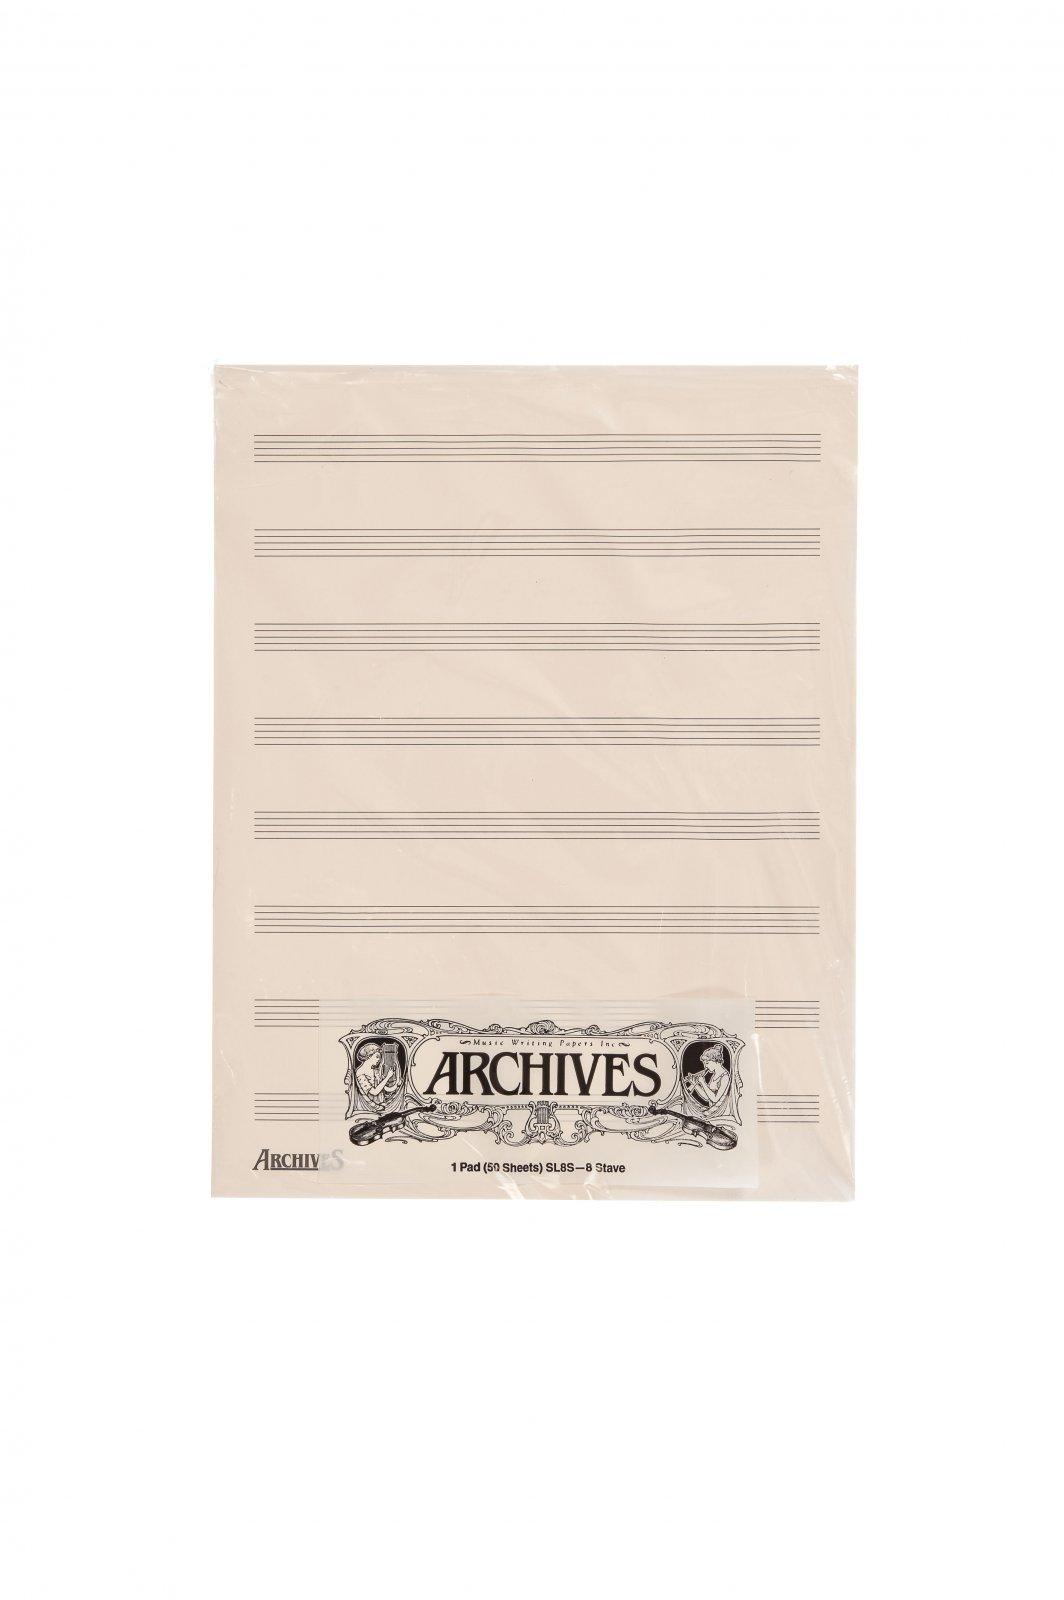 Archives Manuscript Score Pads, 8 Stave, 50 Sheets